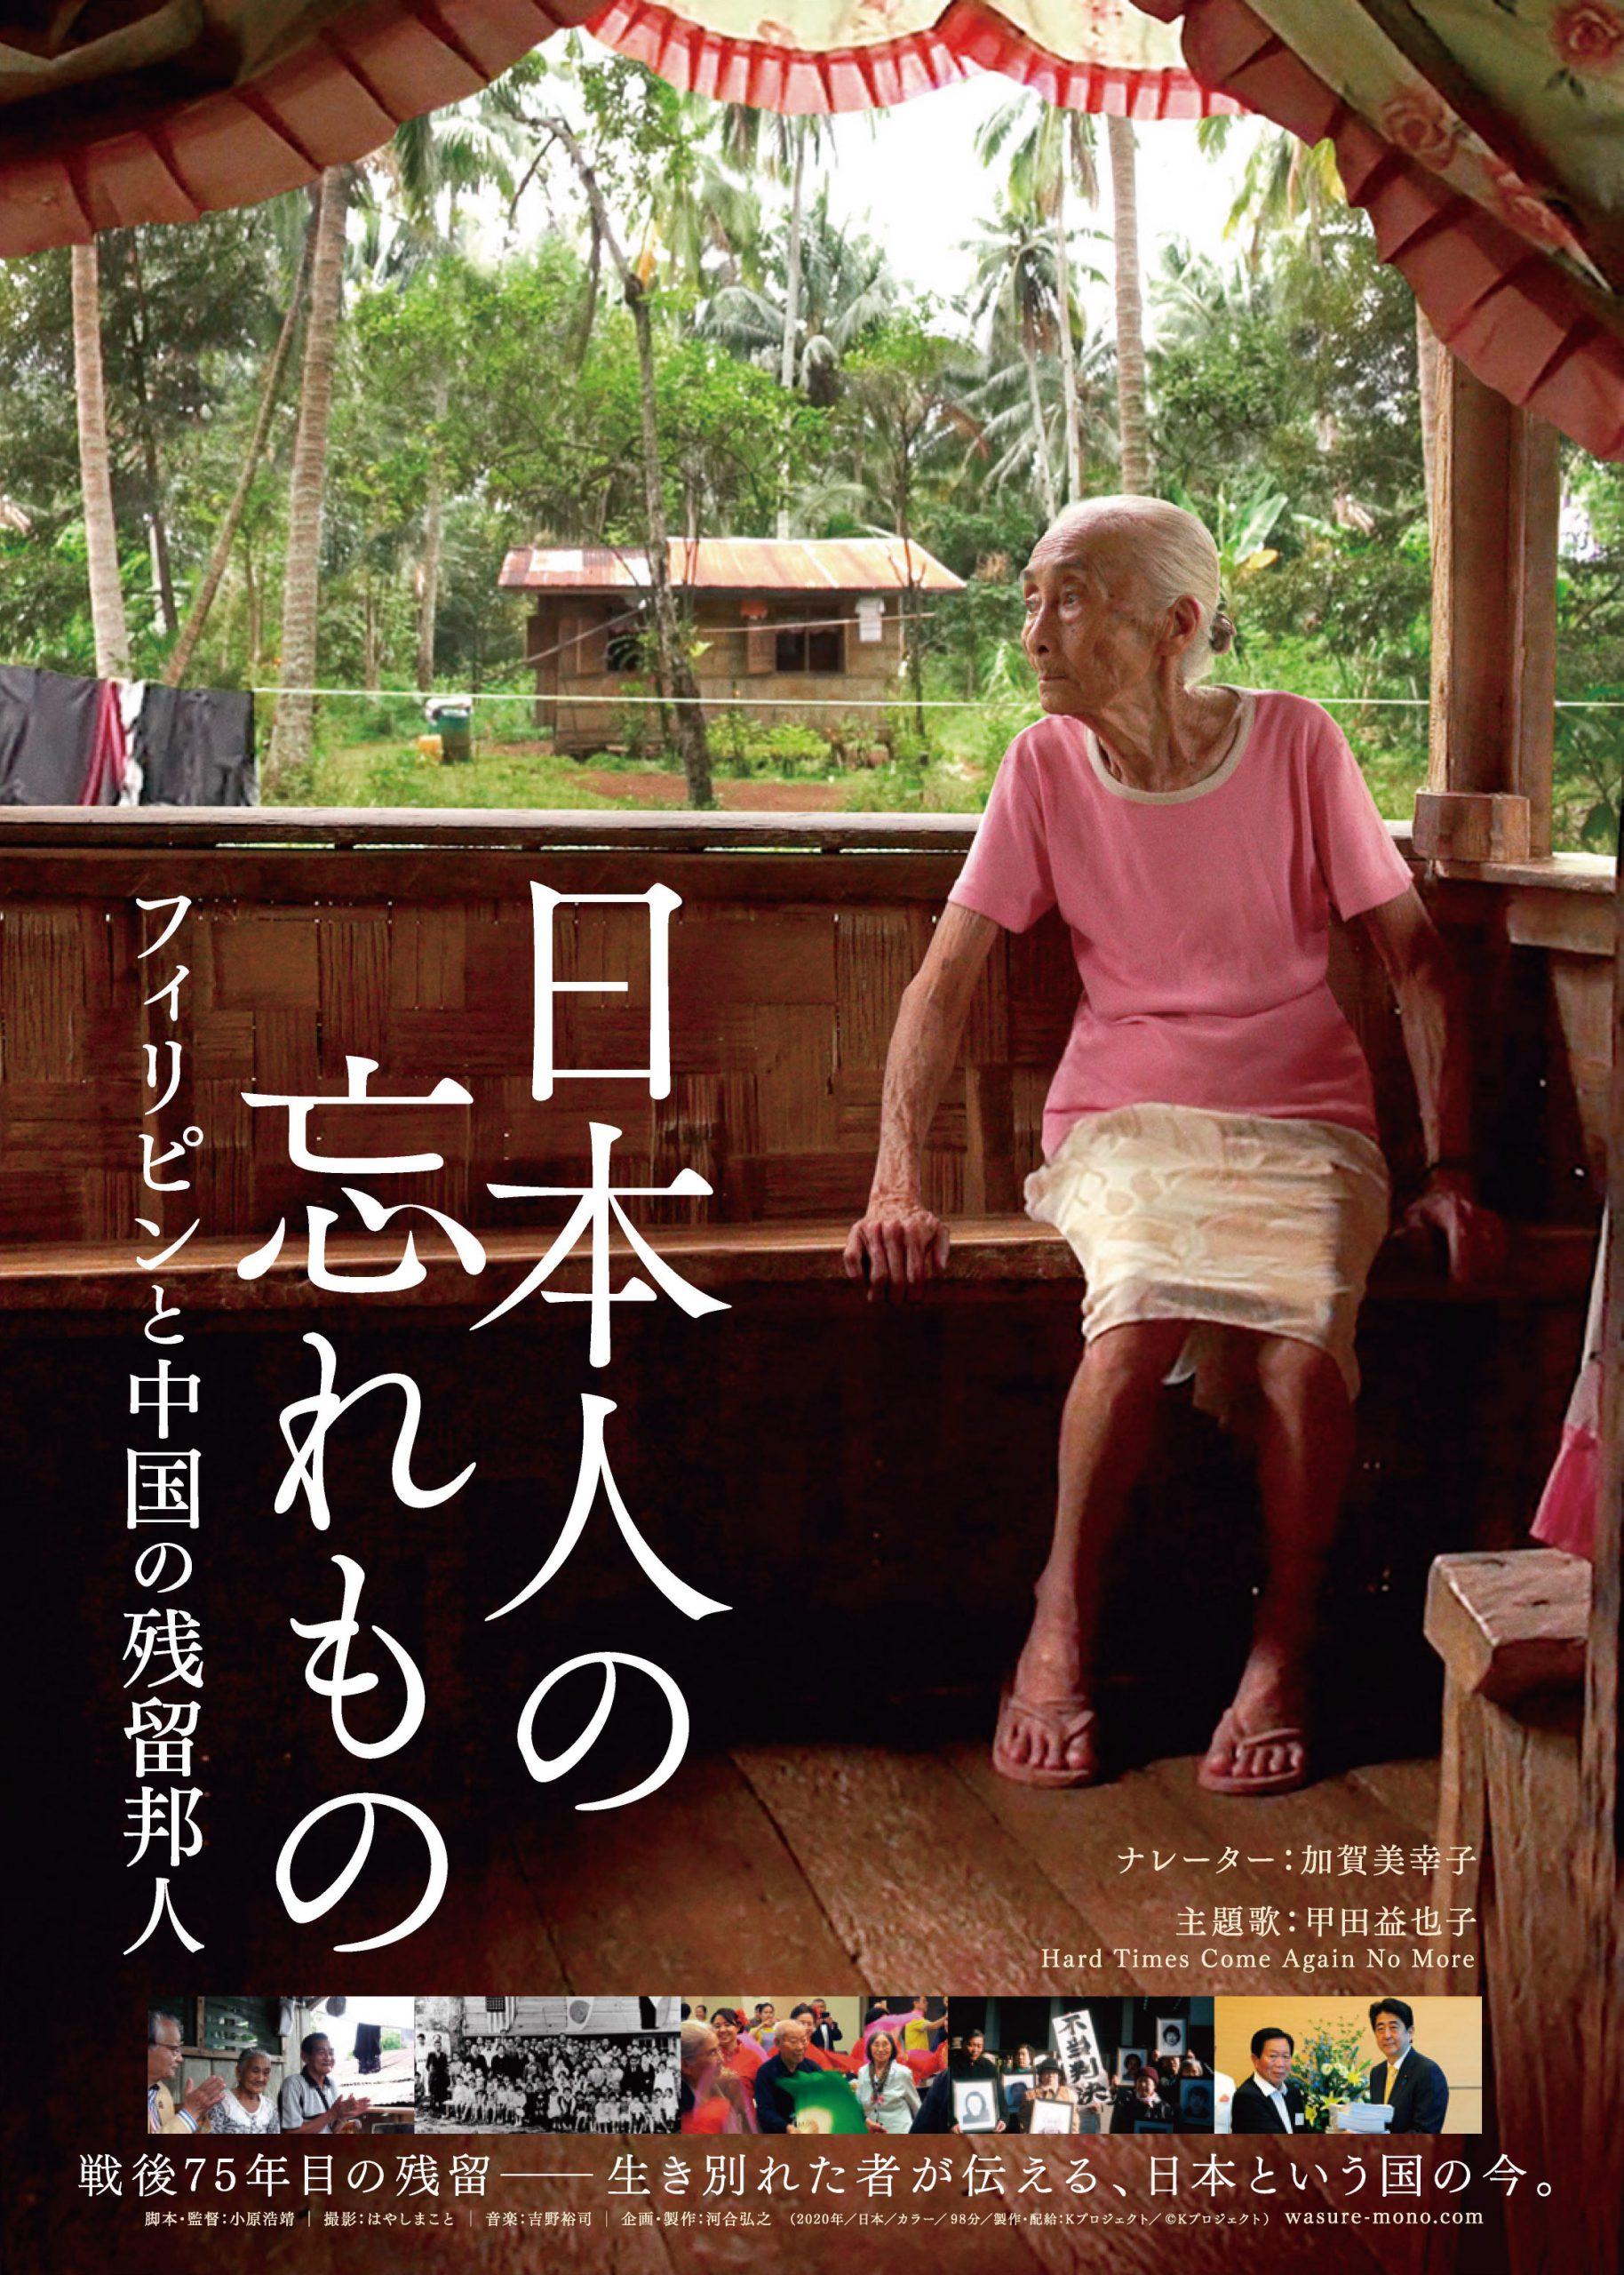 日本人の忘れもの フィリピンと中国の残留邦人